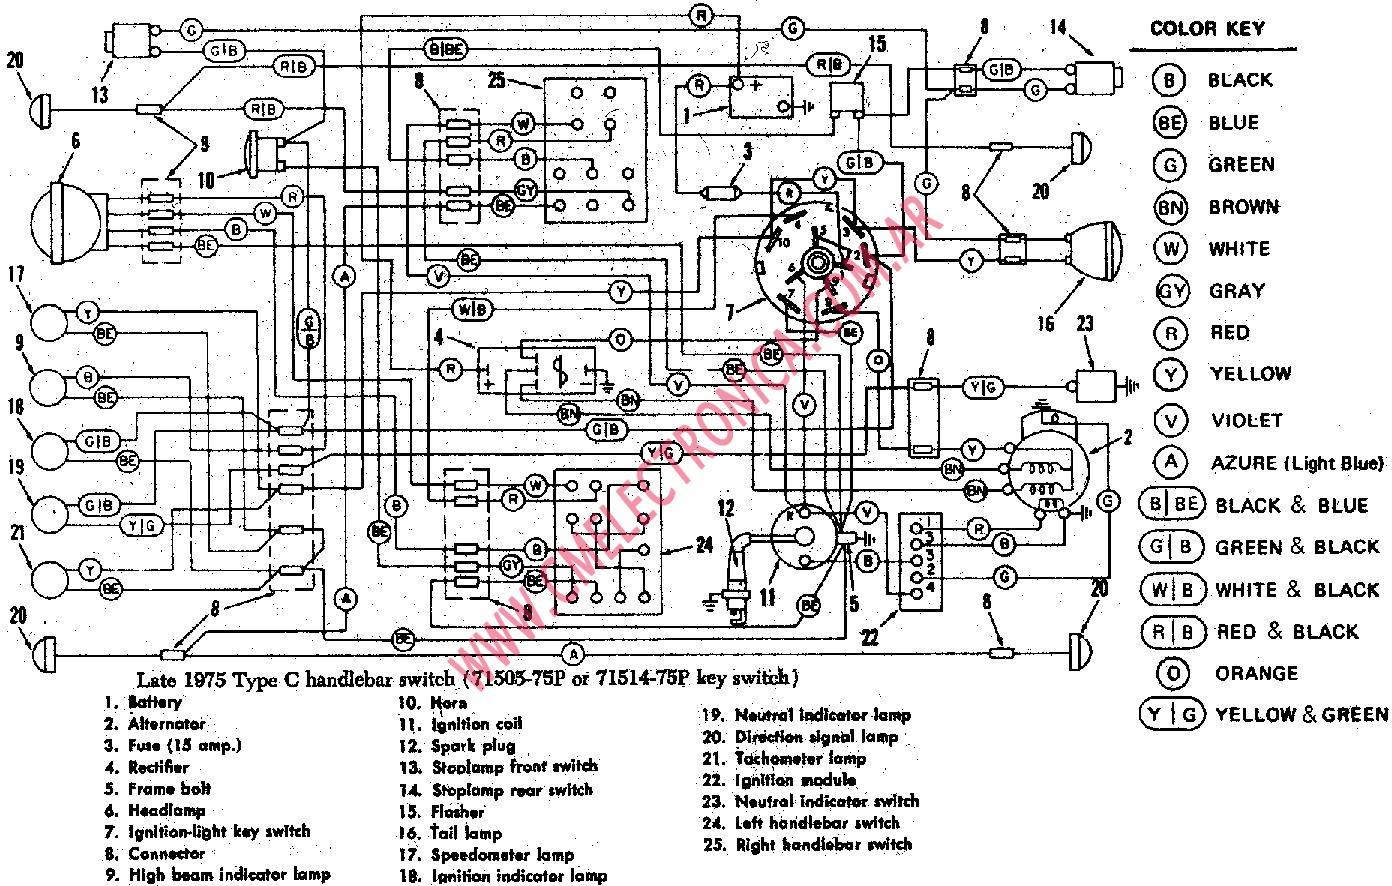 1992 harley fxr wiring diagram